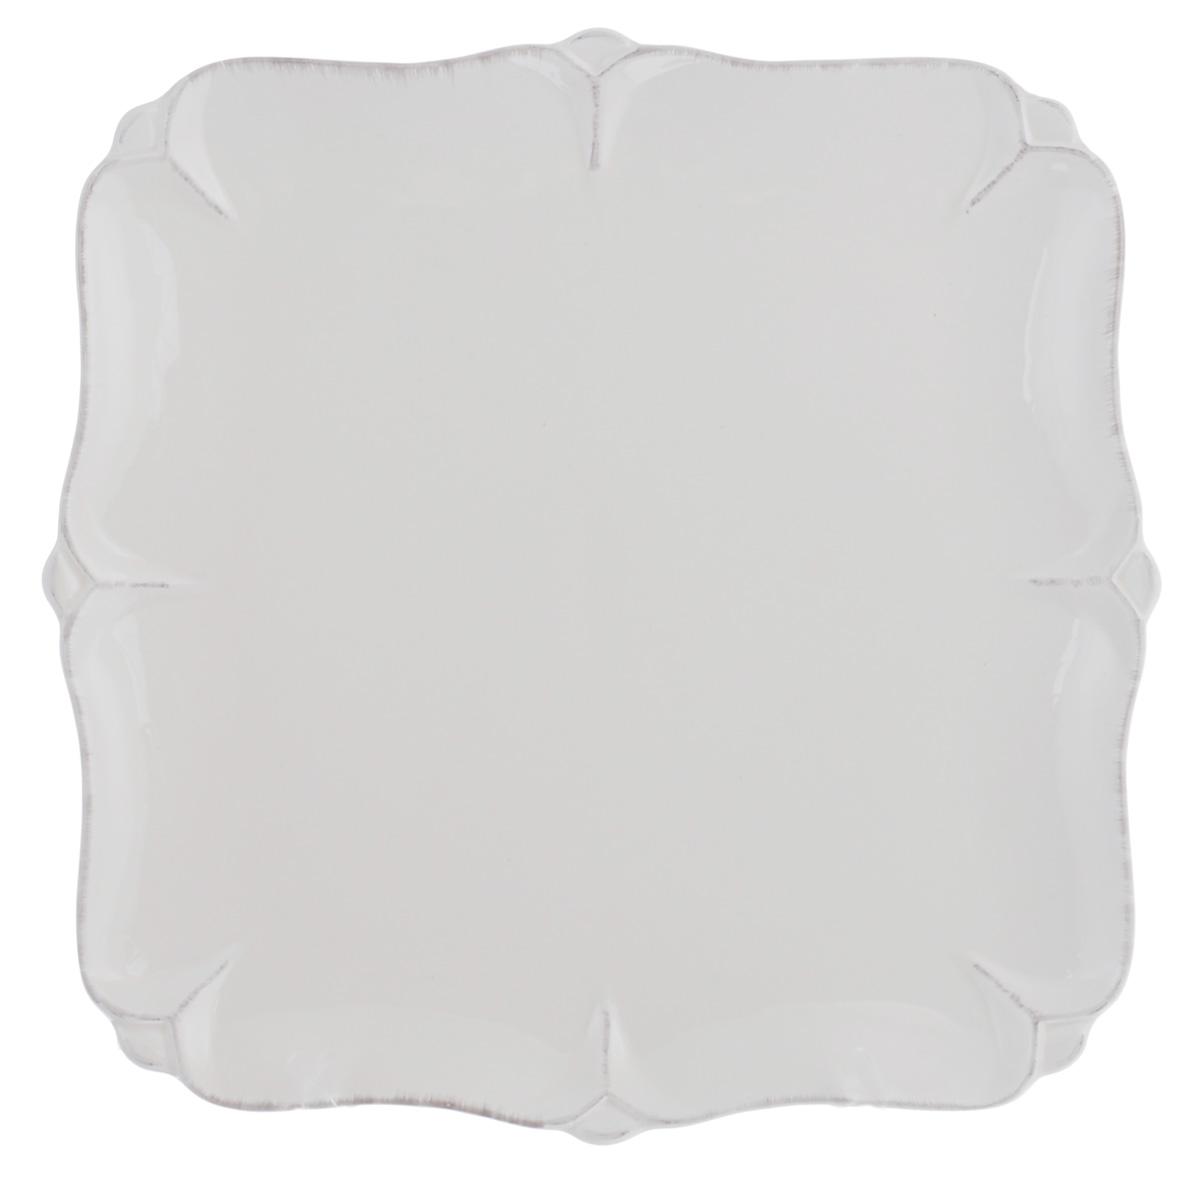 Тарелка Lillo Ideal, цвет: молочный, 25 см х 25 см54 009312Тарелка Lillo Ideal прекрасно подойдет для сервировки вторых блюд. Изделие изготовлено из керамики и оснащено рельефными неровными краями. Такое оформление придется по вкусу и ценителям классики, и тем, кто предпочитает утонченность и изысканность. Тарелка Lillo Ideal украсит сервировку вашего стола и подчеркнет прекрасный вкус хозяина, а также станет отличным подарком. Можно использовать в посудомоечной машине и микроволновой печи. Размер тарелки (по верхнему краю): 25 см х 25 см.Высота тарелки: 2 см.